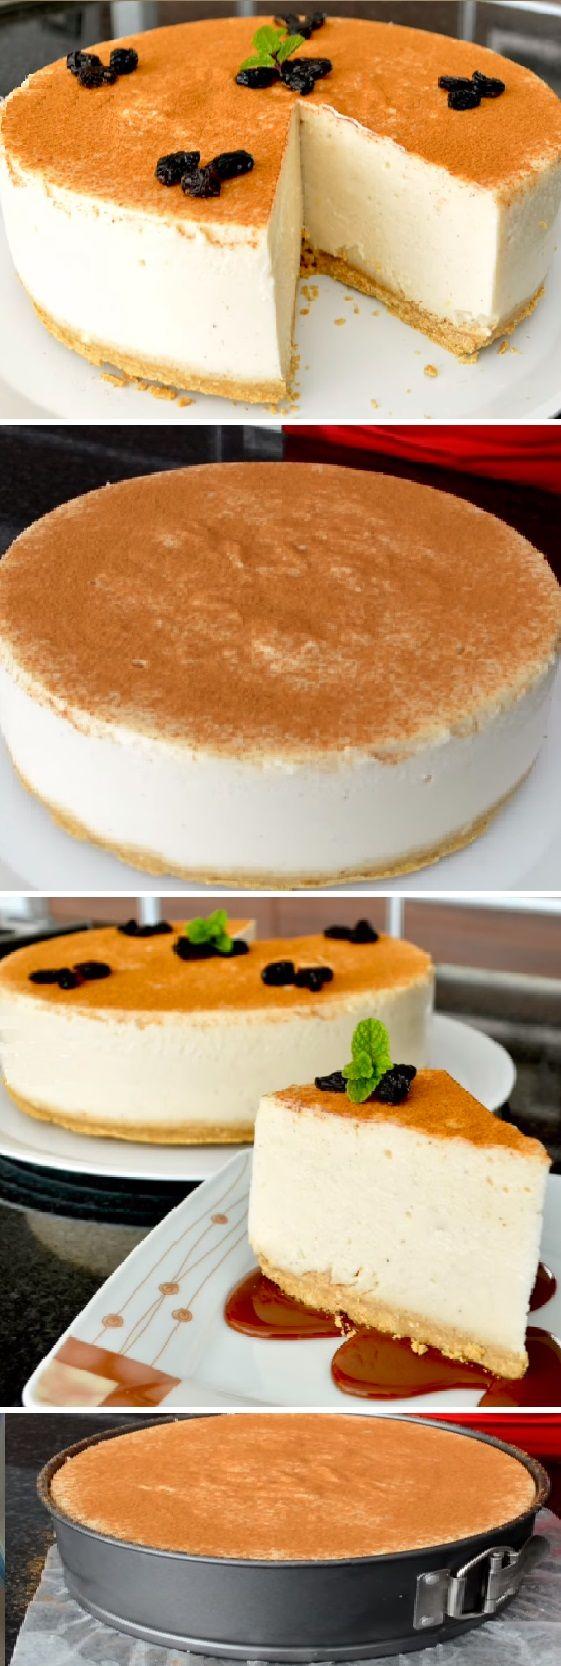 """PAY DE ARROZ CON LECHE SIN HORNO """" By Vicky Receta Facil.  #pay #arroz #pie #sinhorno #postres #cheesecake #cakes #pan #panfrances #panettone #panes #pantone #pan #recetas #recipe #casero #torta #tartas #pastel #nestlecocina #bizcocho #bizcochuelo #tasty #cocina #chocolate   Si te gusta dinos HOLA y dale a Me Gusta MIREN..."""